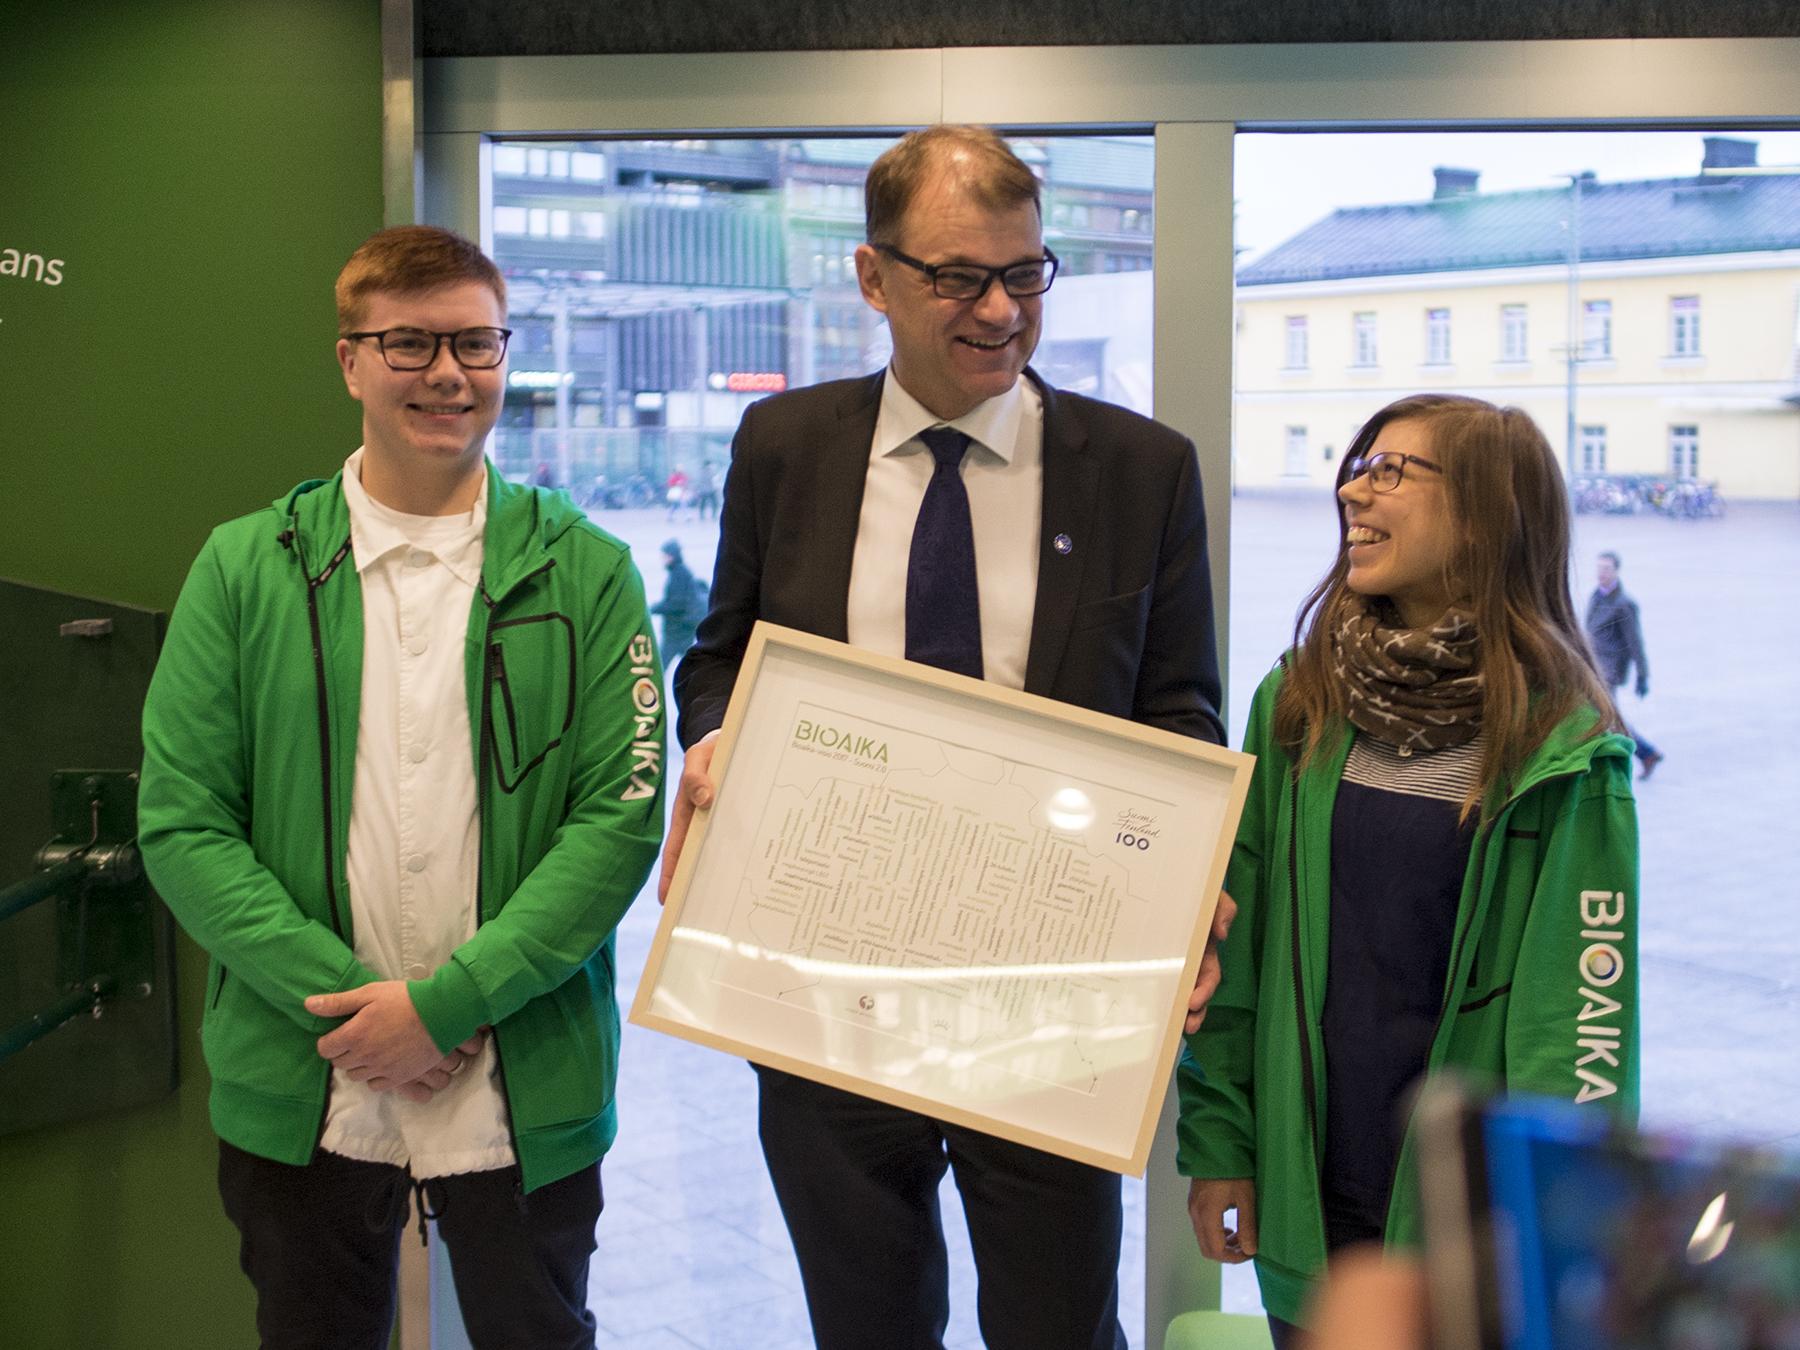 Students Oskari Mattinen and Maisa Hirvilammi hand over the Bio Era Vision to Finland's Prime Minister Juha Sipilä. Photo: Vilma Issakainen